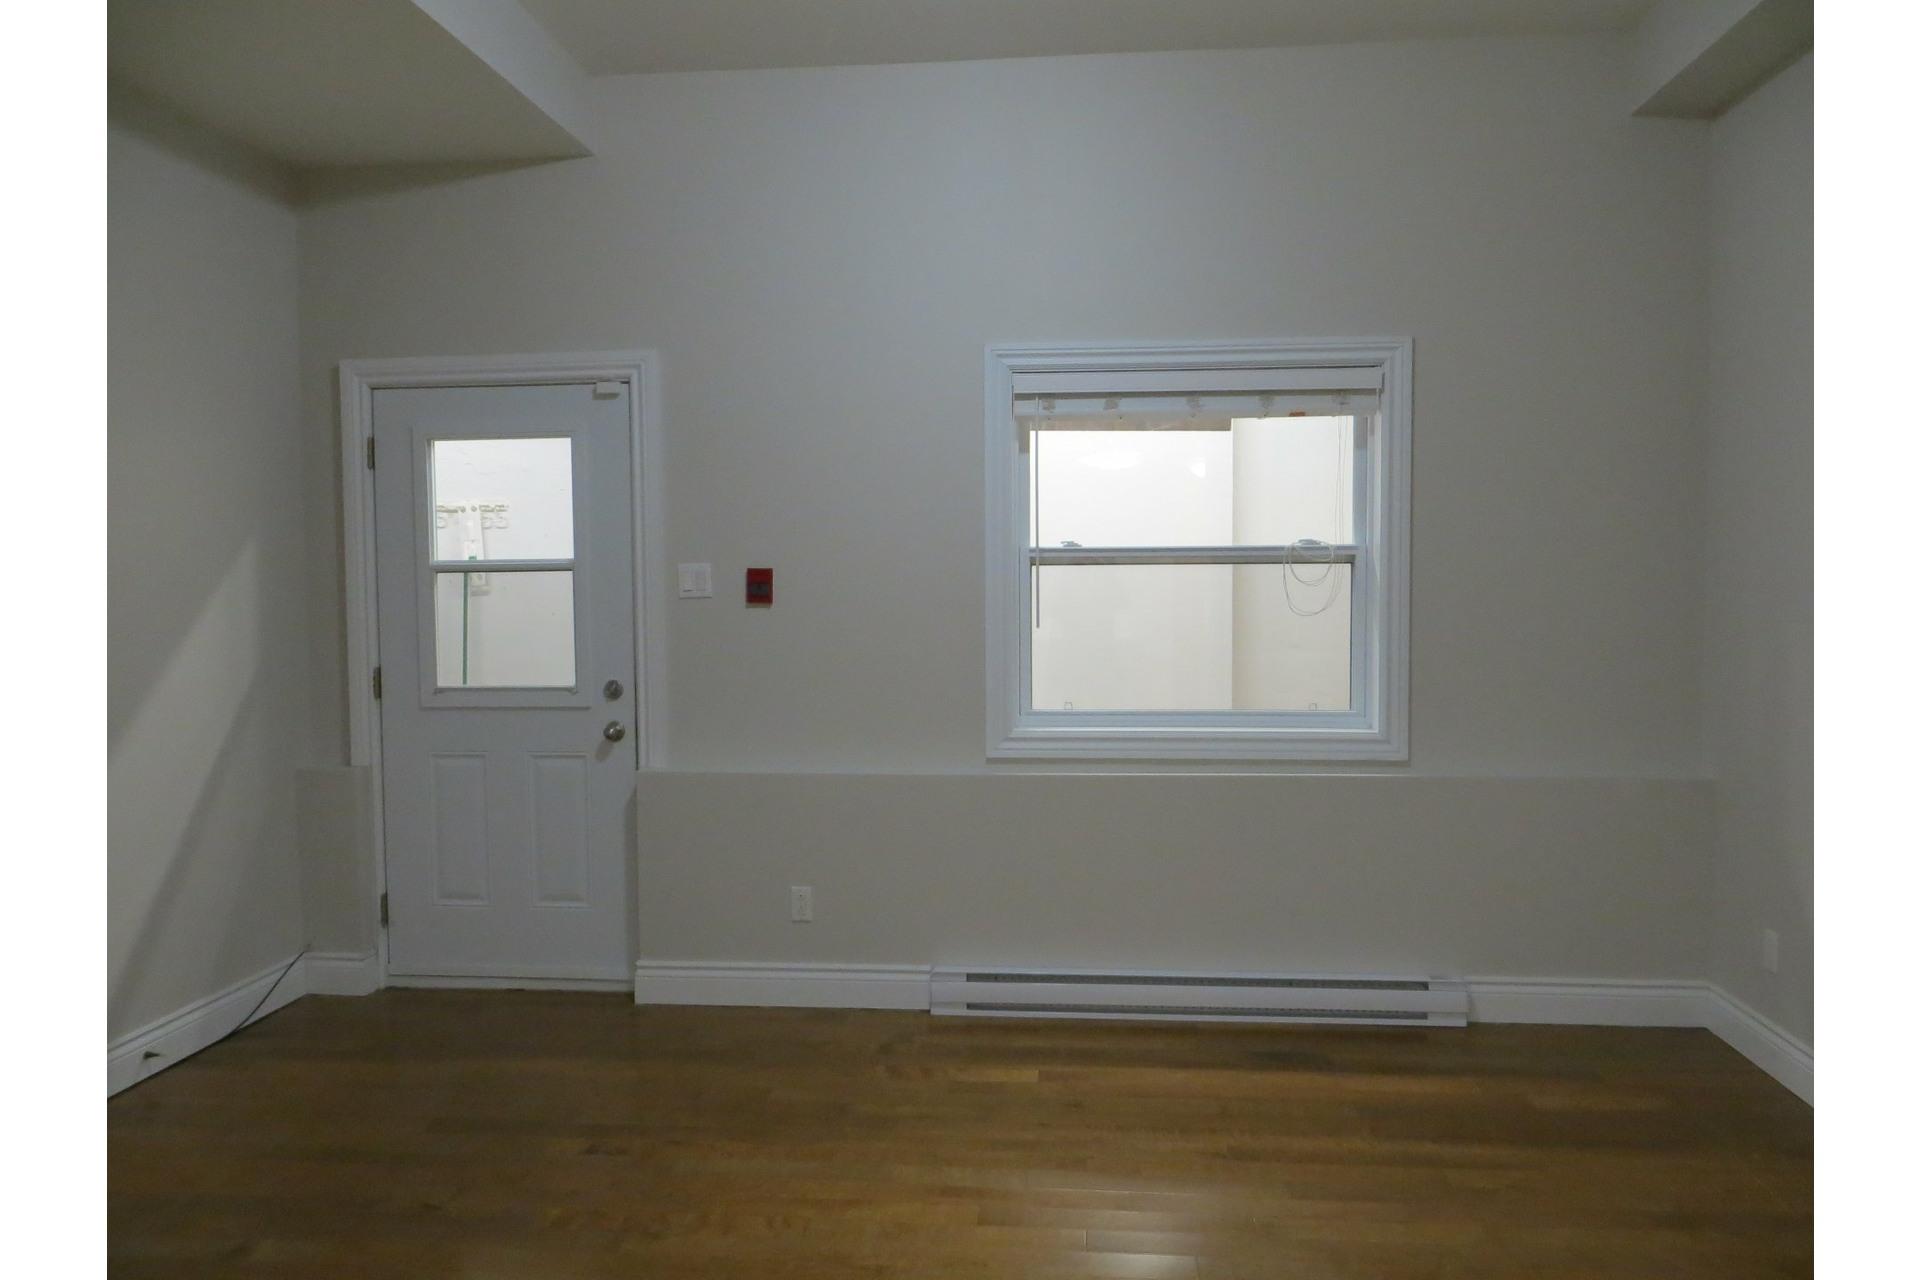 image 2 - Apartment For sale Côte-des-Neiges/Notre-Dame-de-Grâce Montréal  - 6 rooms